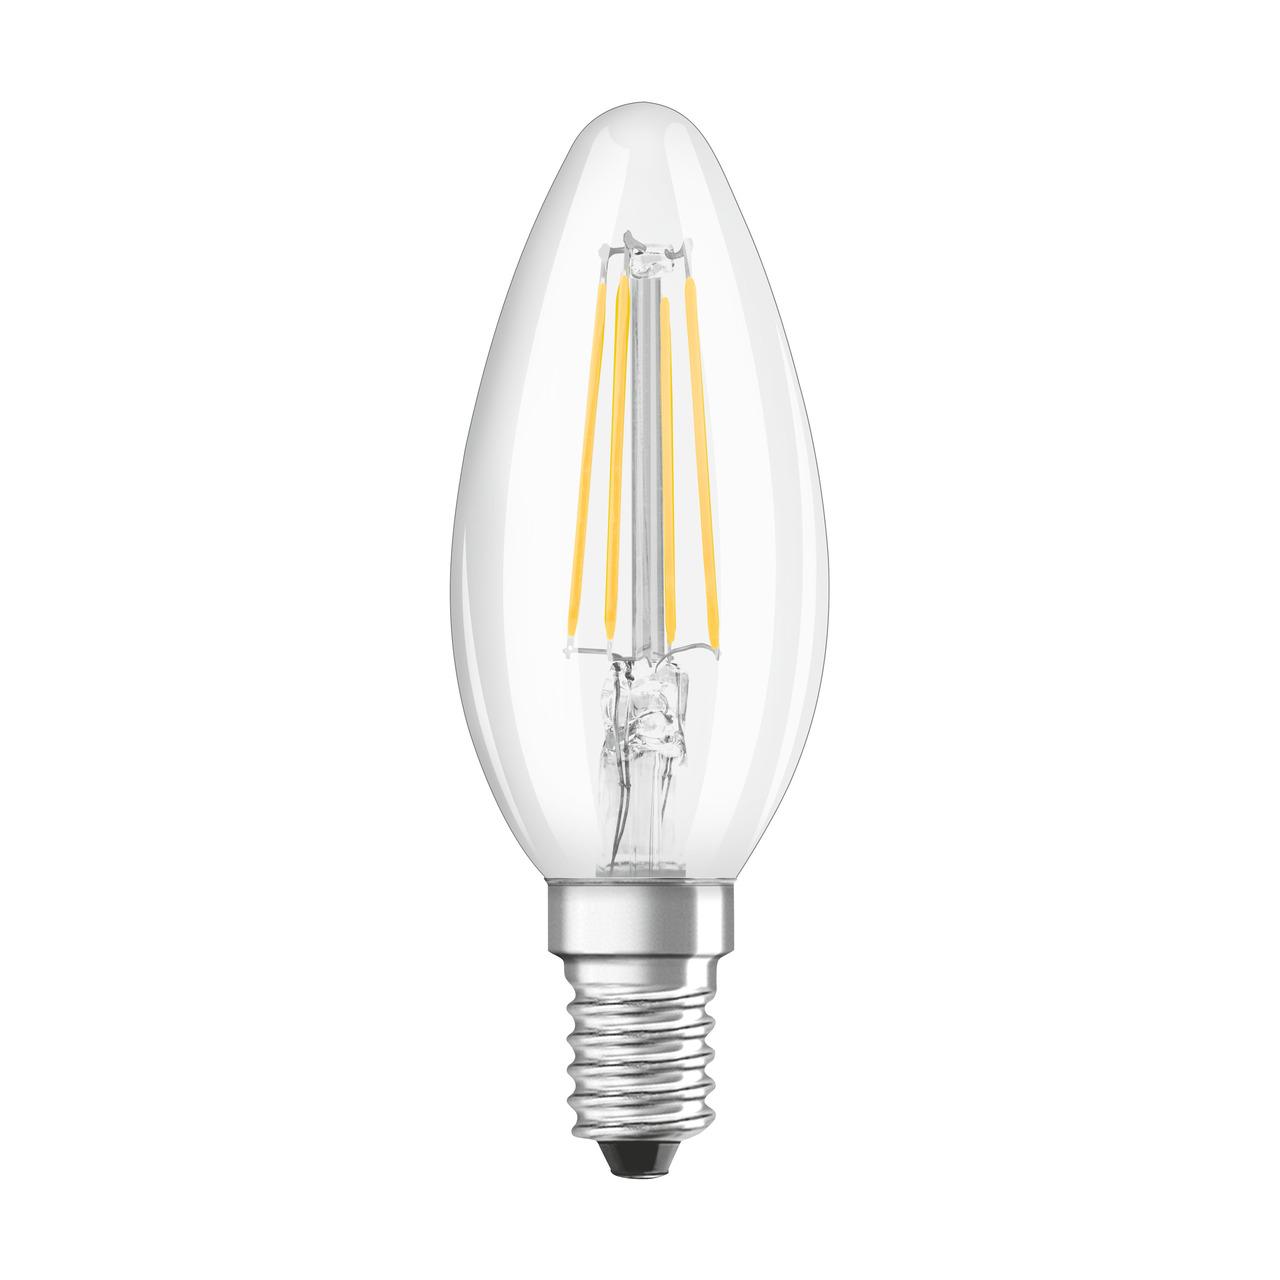 OSRAM LED STAR Plus 4-W-LED-Kerzenlampe E14- warmweiss- dimmbar per Lichtschalter